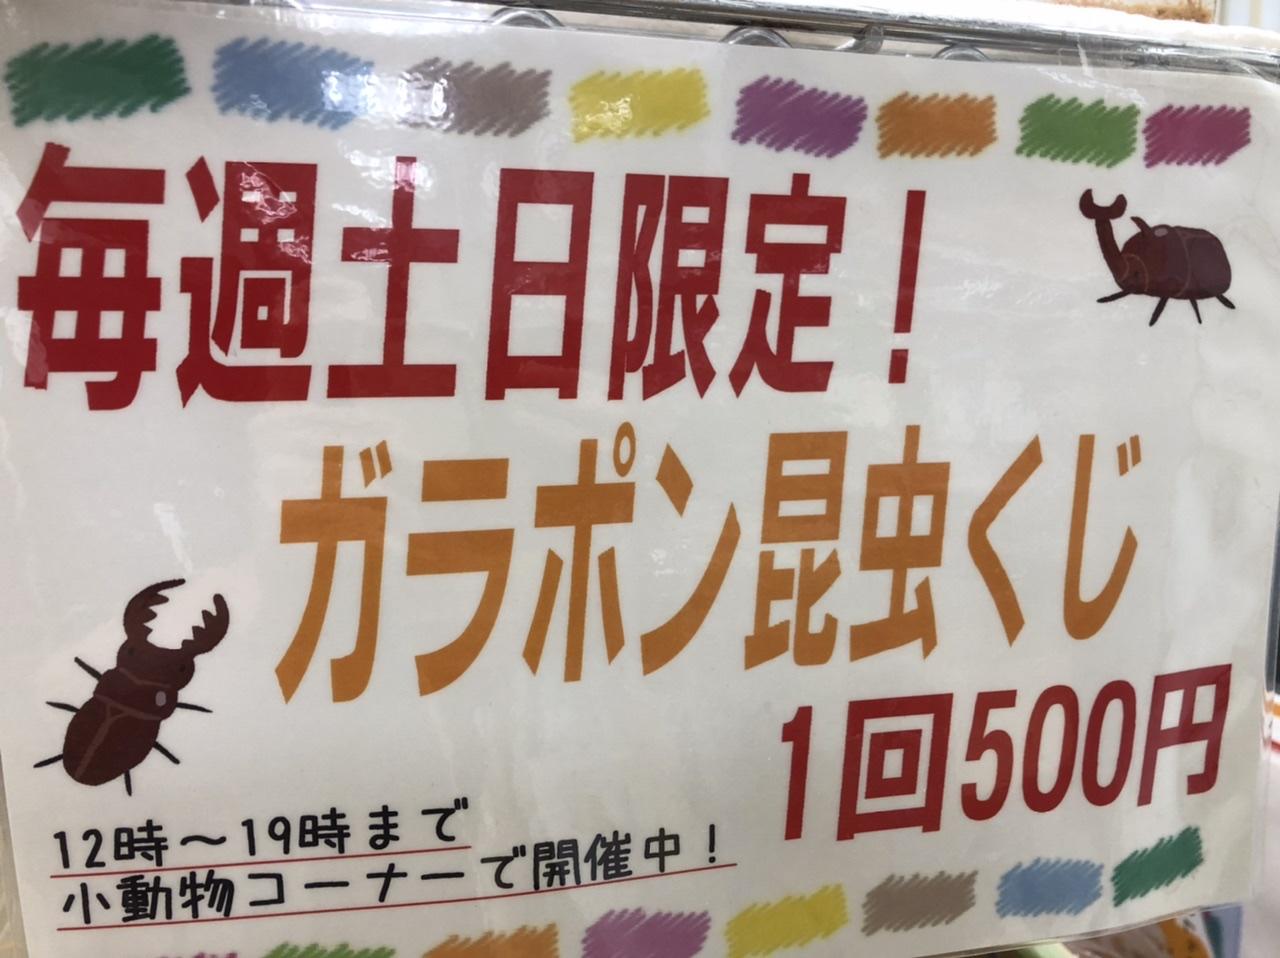 【インター小動物】今週も!土日はやります!昆虫くじ!